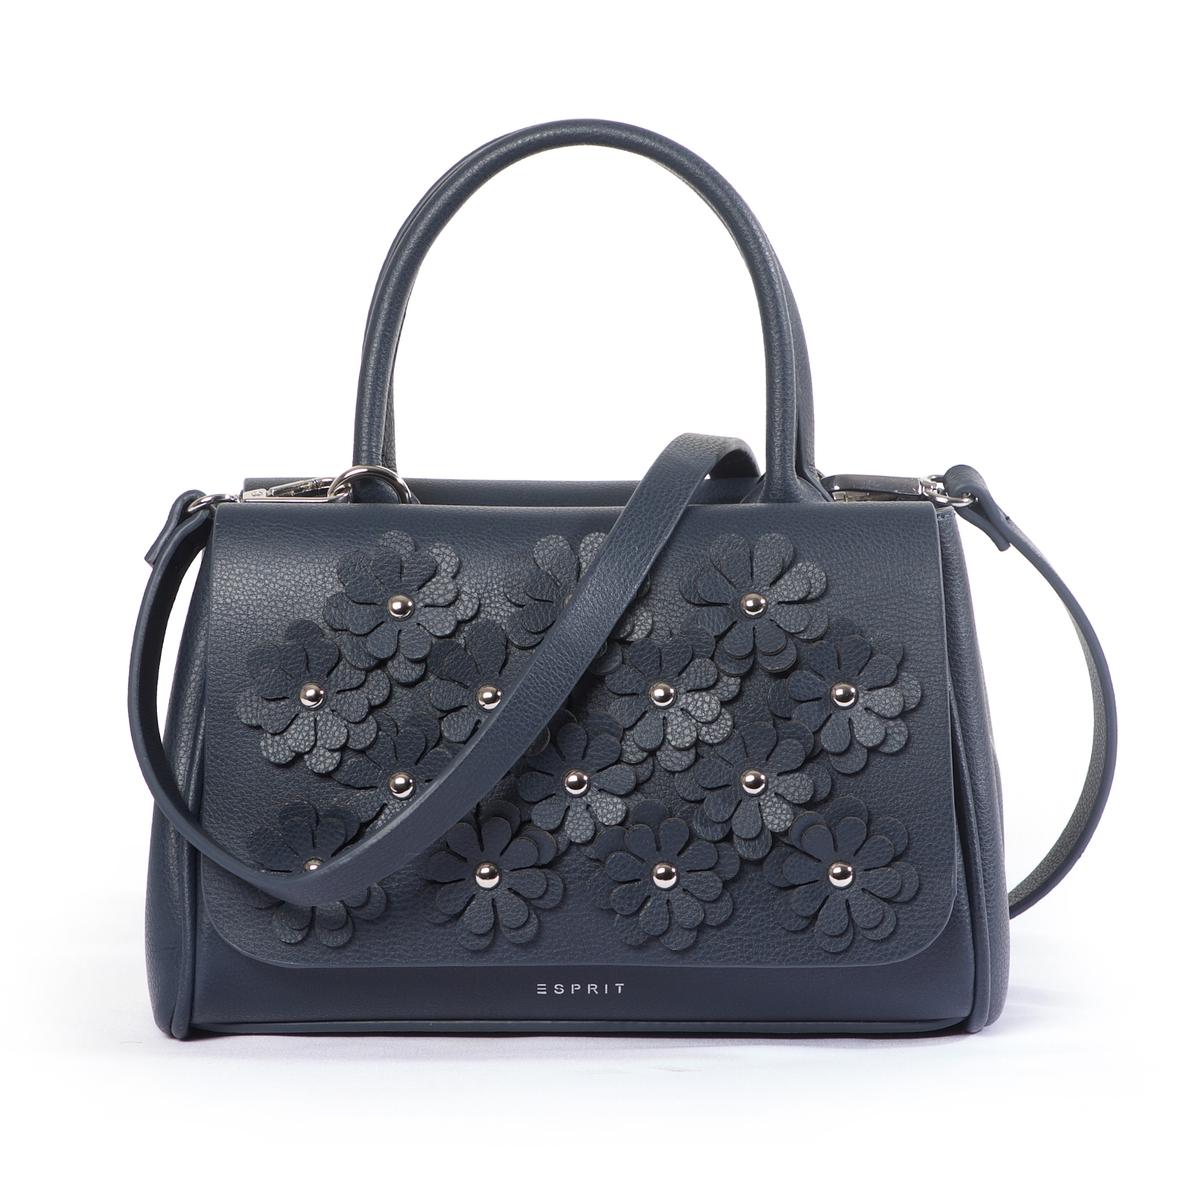 Сумка с цветочным рисунком сумка esprit cc6010f 469